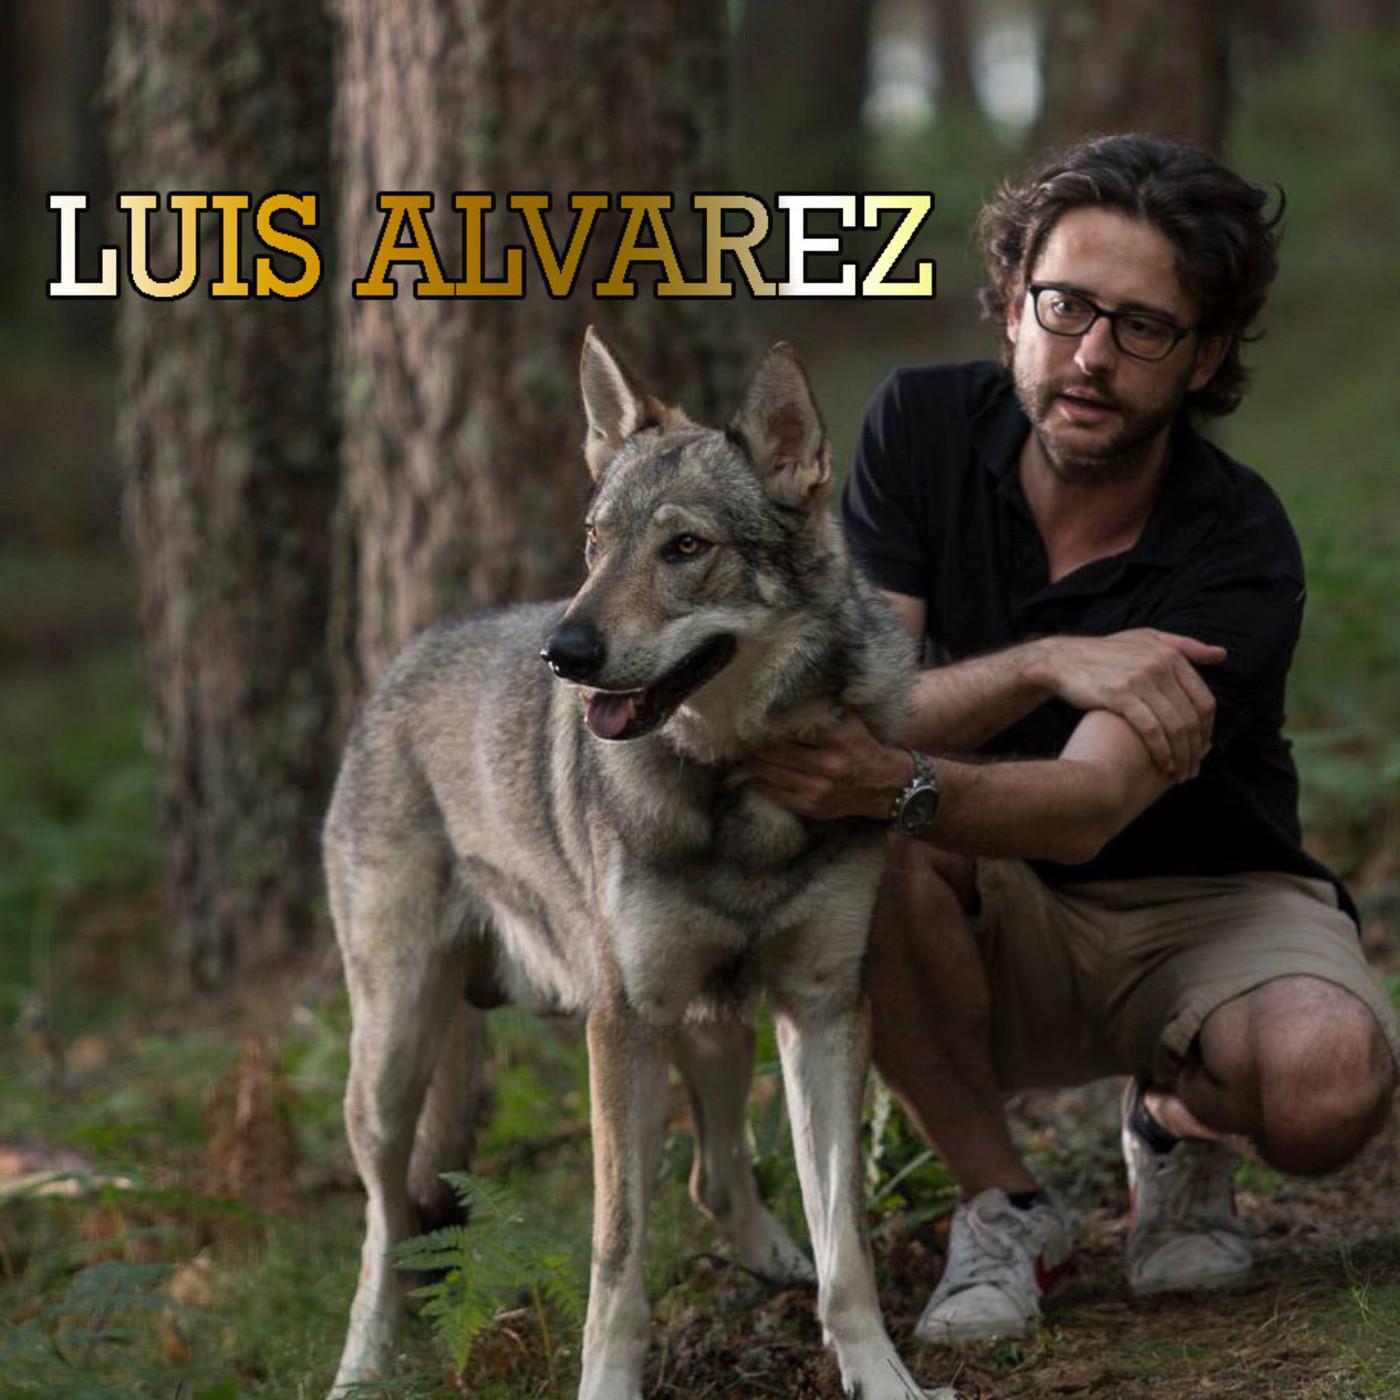 Noche de Mitos (67) LUIS ÁLVAREZ, un periodista excepcional ...